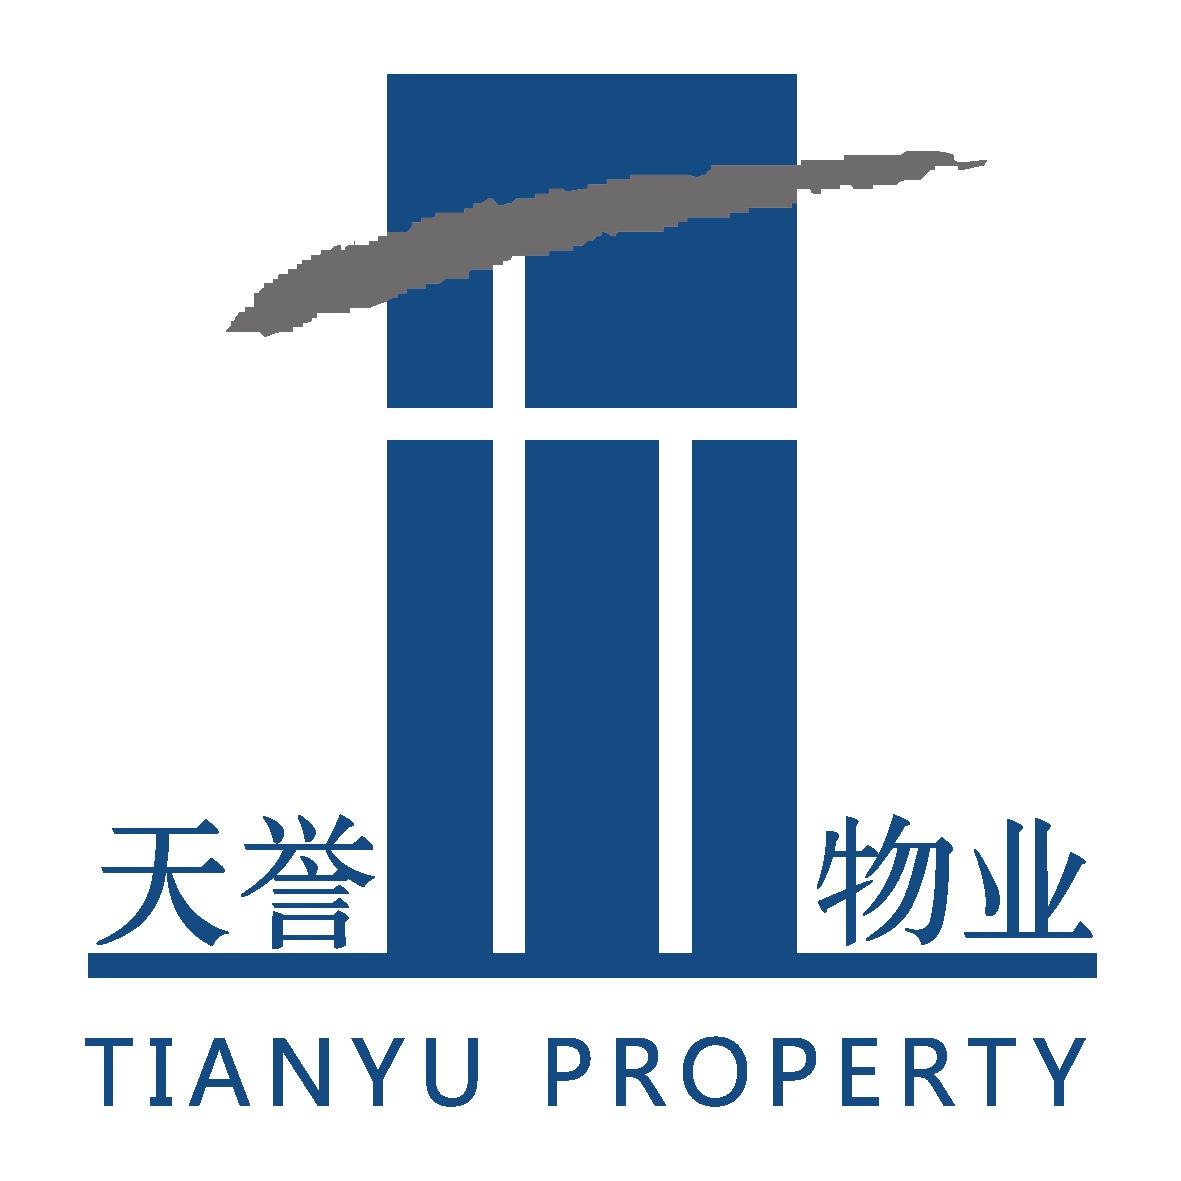 广州市天誉物业管理有限公司中山分公司_国际人才网_job001.cn